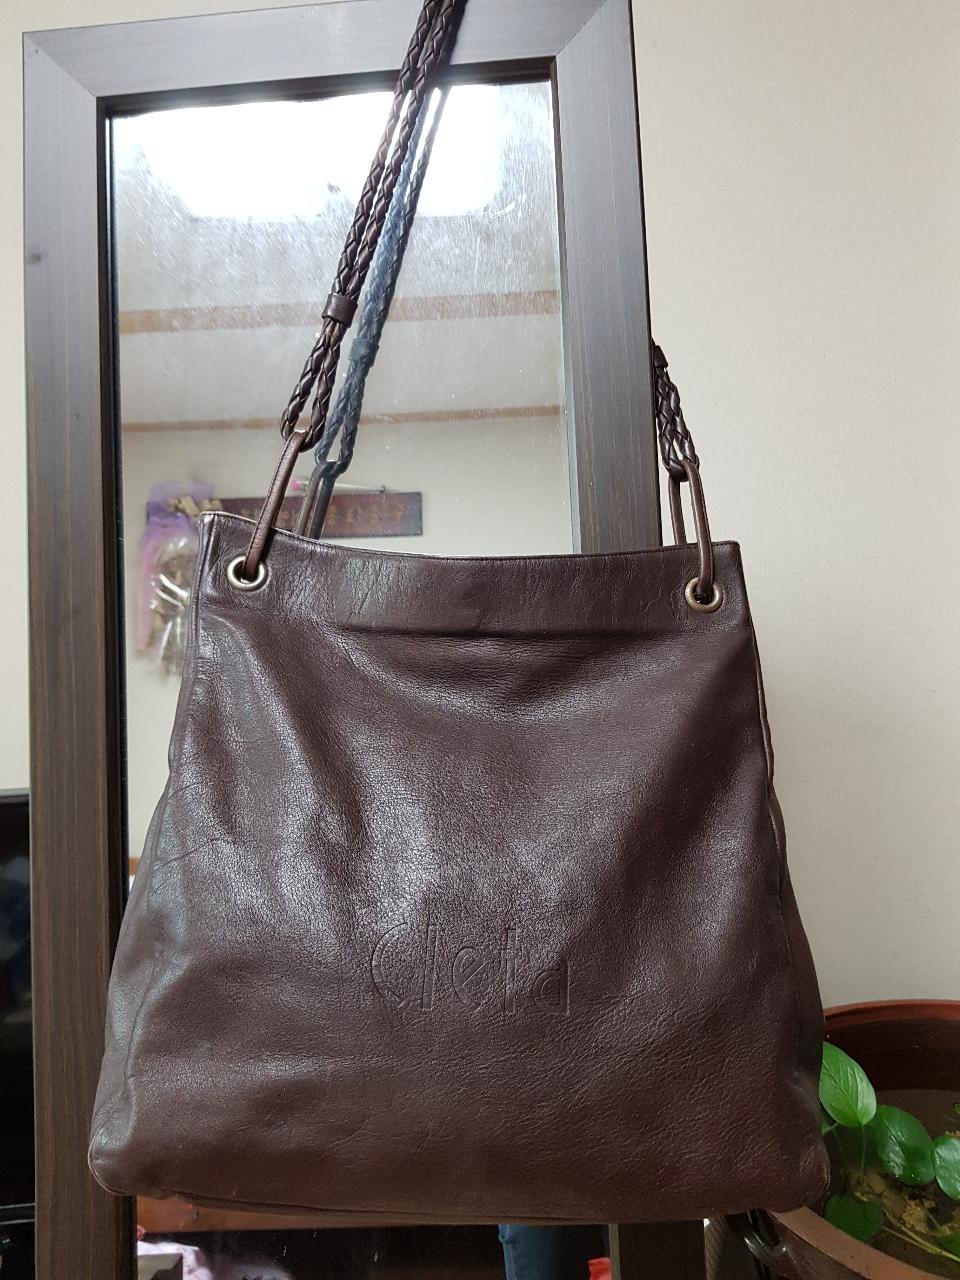 이가방도 진짜멋스럽고 크고 예뻐요마지막가격내렸어요